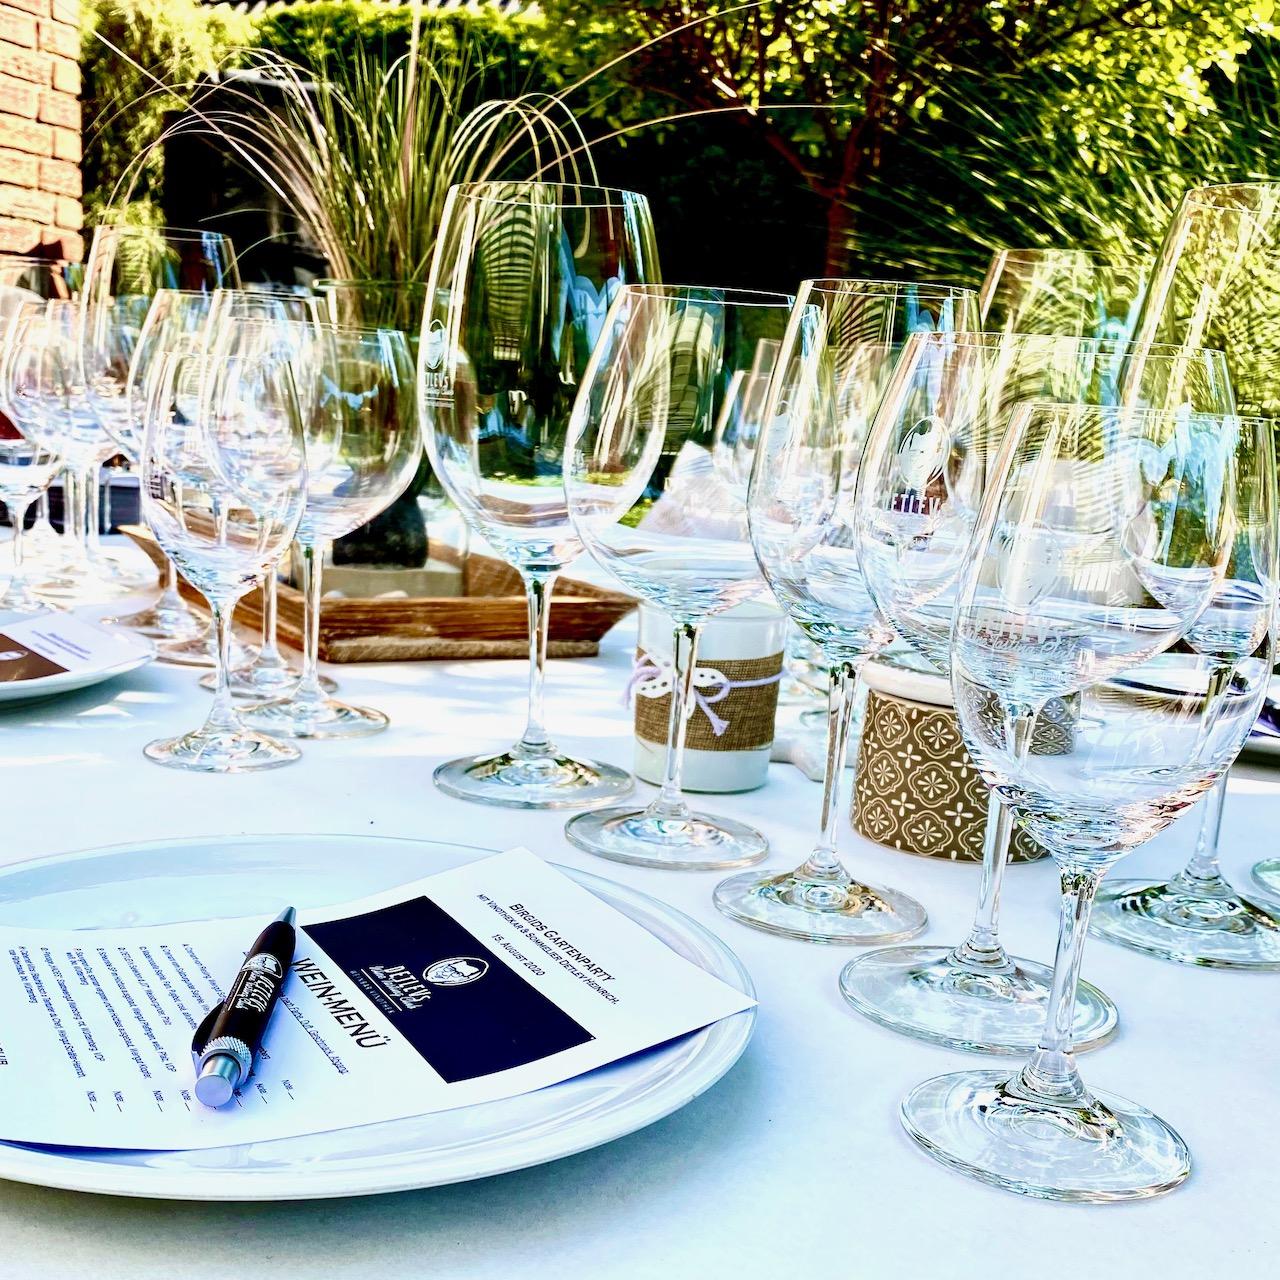 - PRIVAT-EVENT - Ihre Feier zu Hause, im Garten, Verein oder Firma. Preis ab